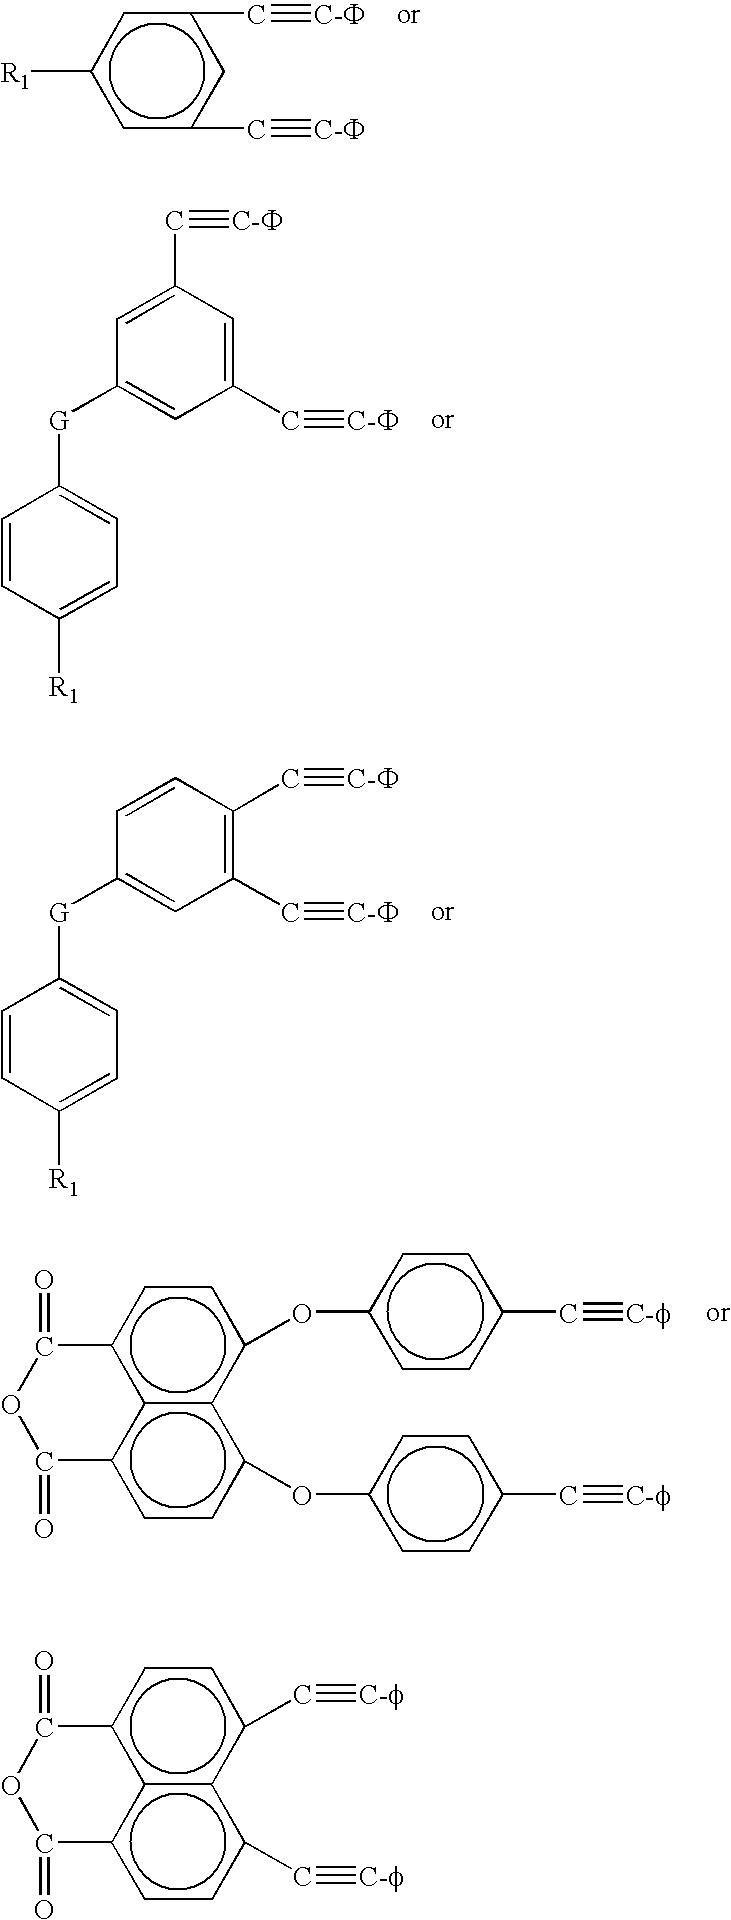 Figure US20100204412A1-20100812-C00074